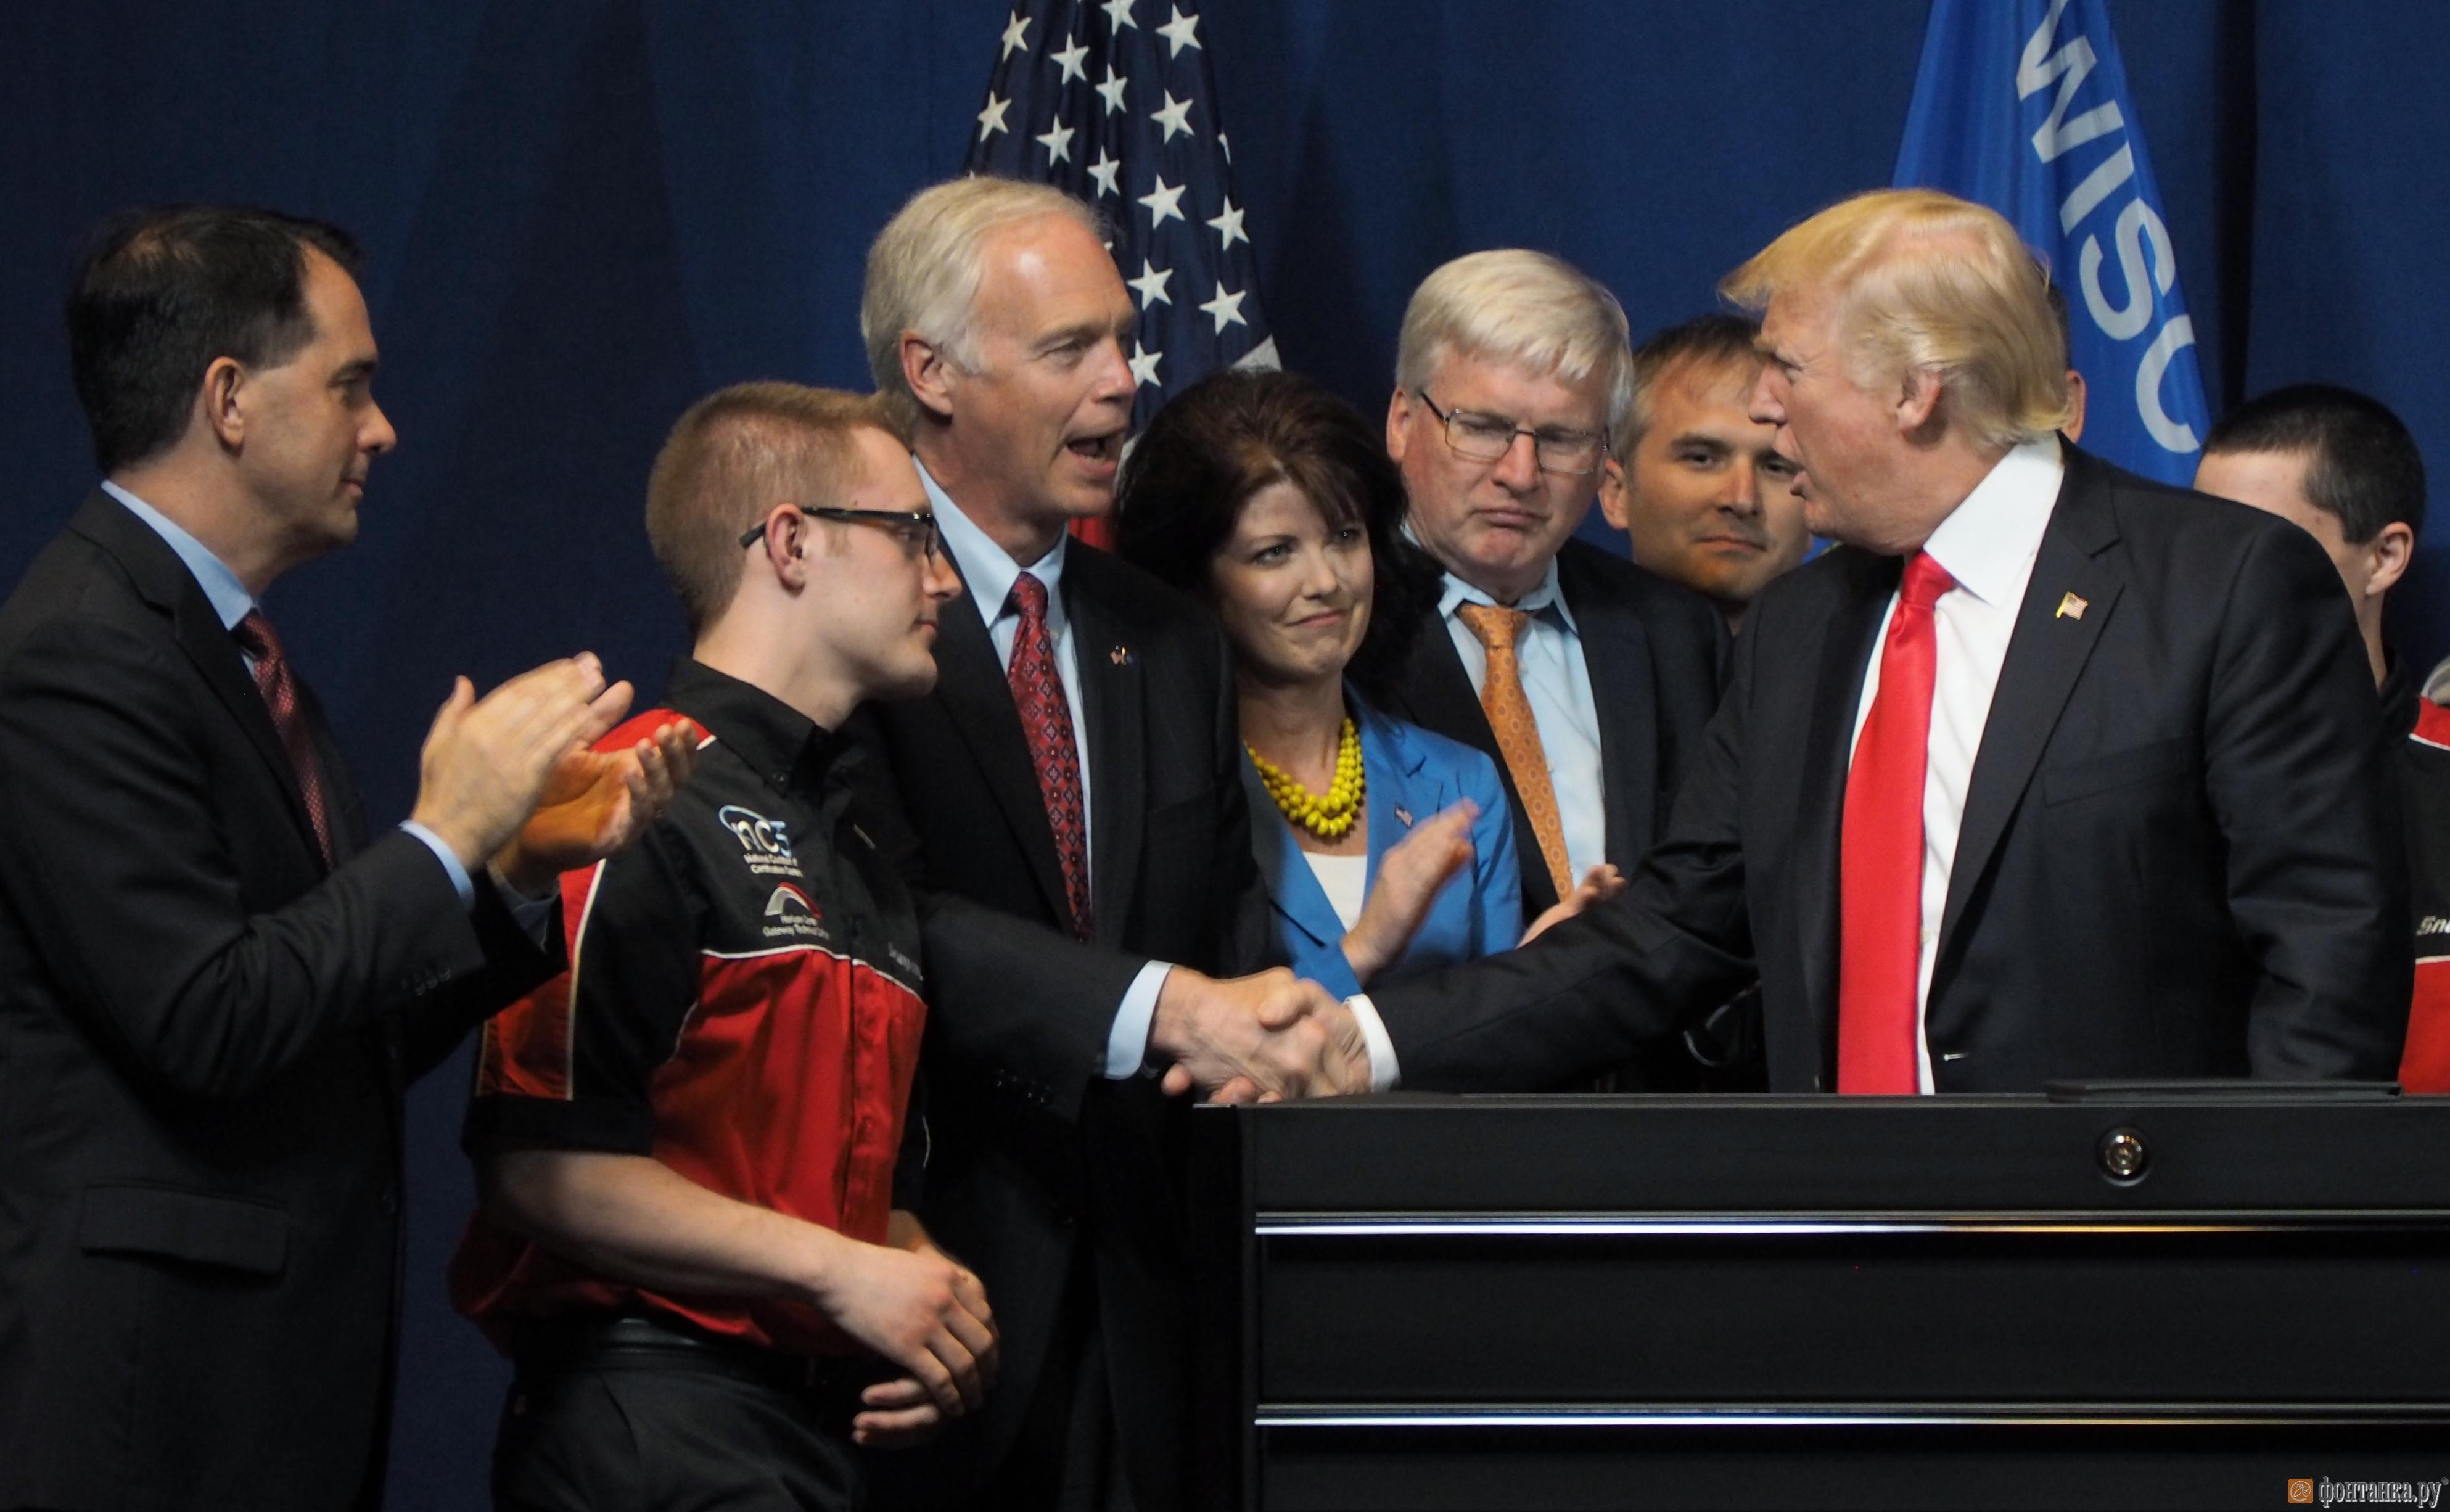 Трамп подписал указ о защите американцев от иностранной рабочей силы (Иллюстрация 2 из 2) (Фото: Елена Зеликова)